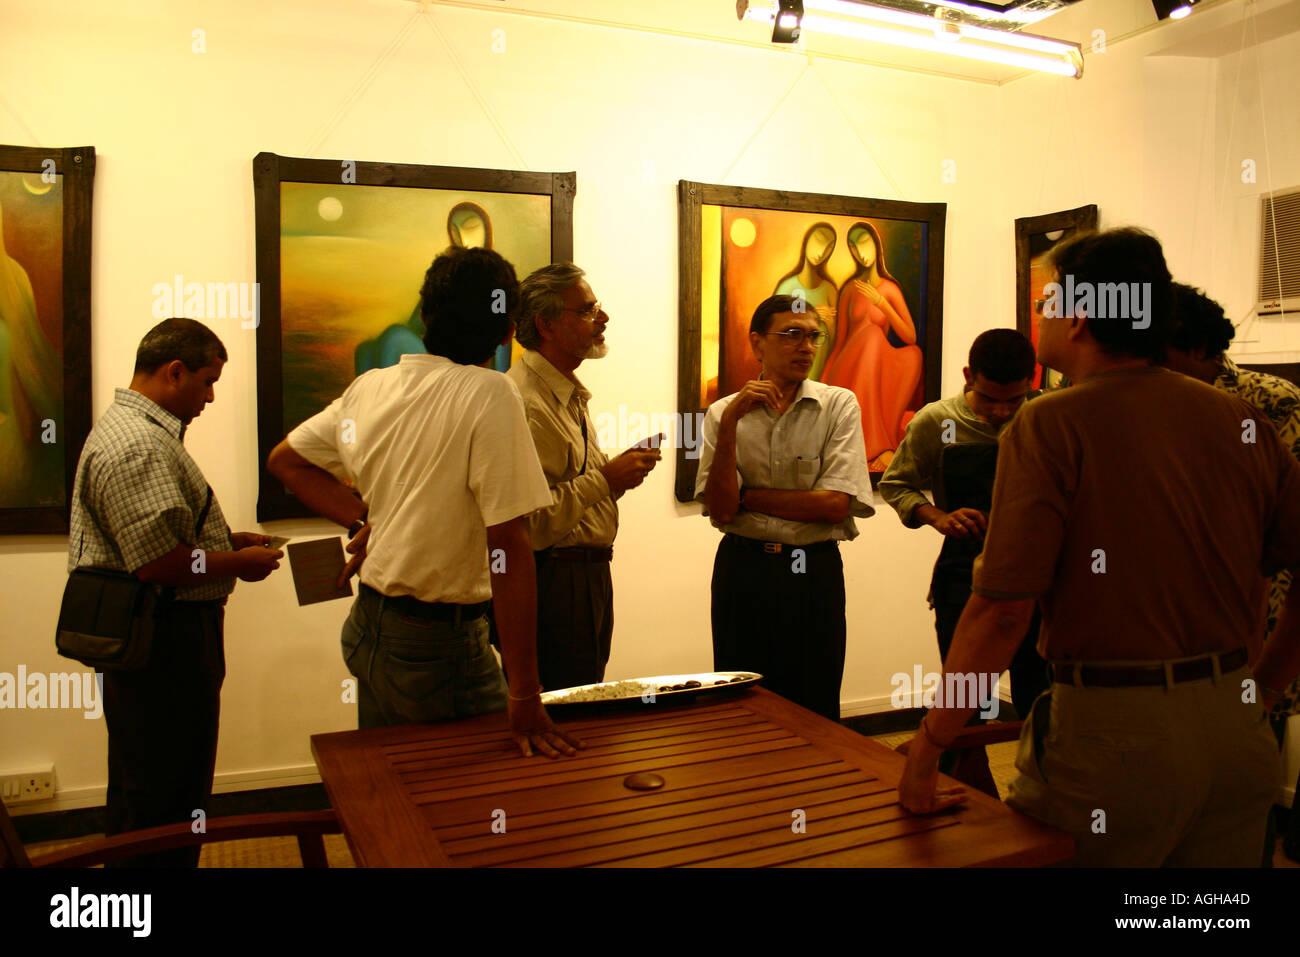 Dinodia RSC91172 photographes avec propriétaire fondateur Jagdish Agarwal mensuelle sur leur visite à pied à la galerie d'art Photo Stock